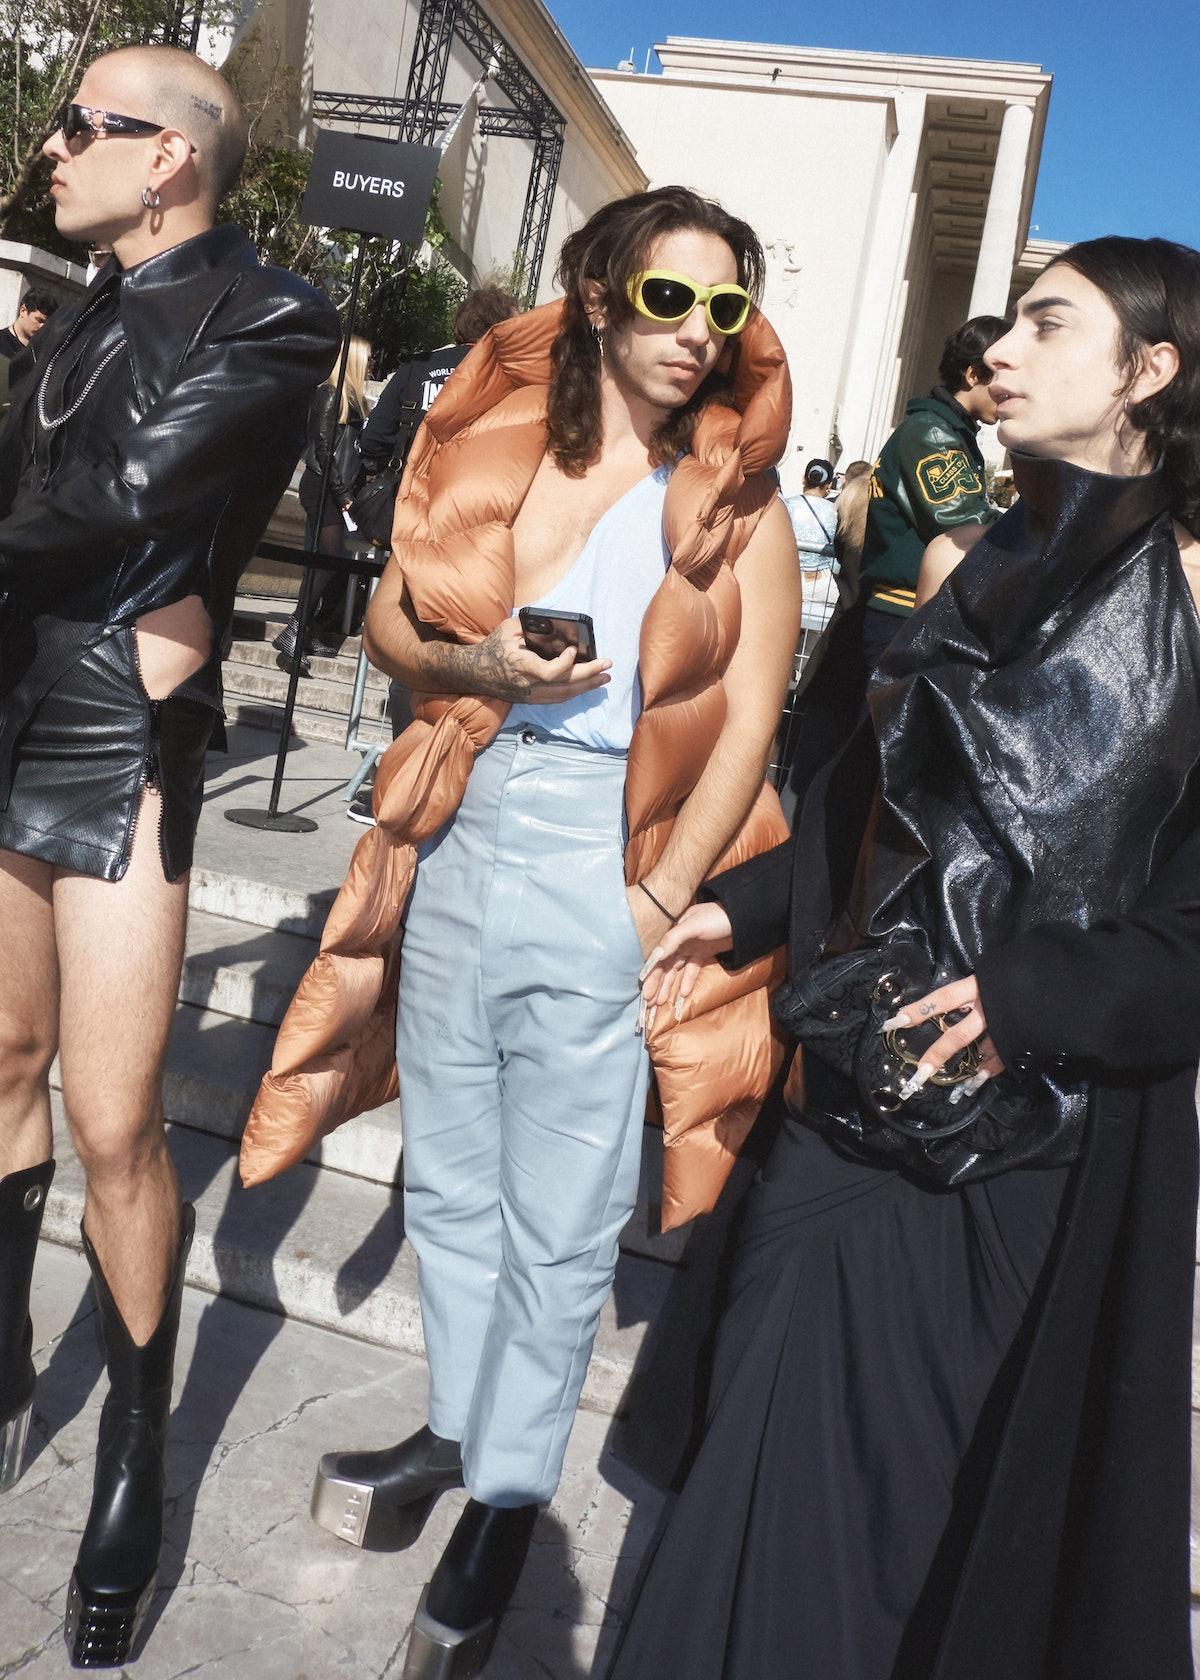 سبک خیابانی در پاریس